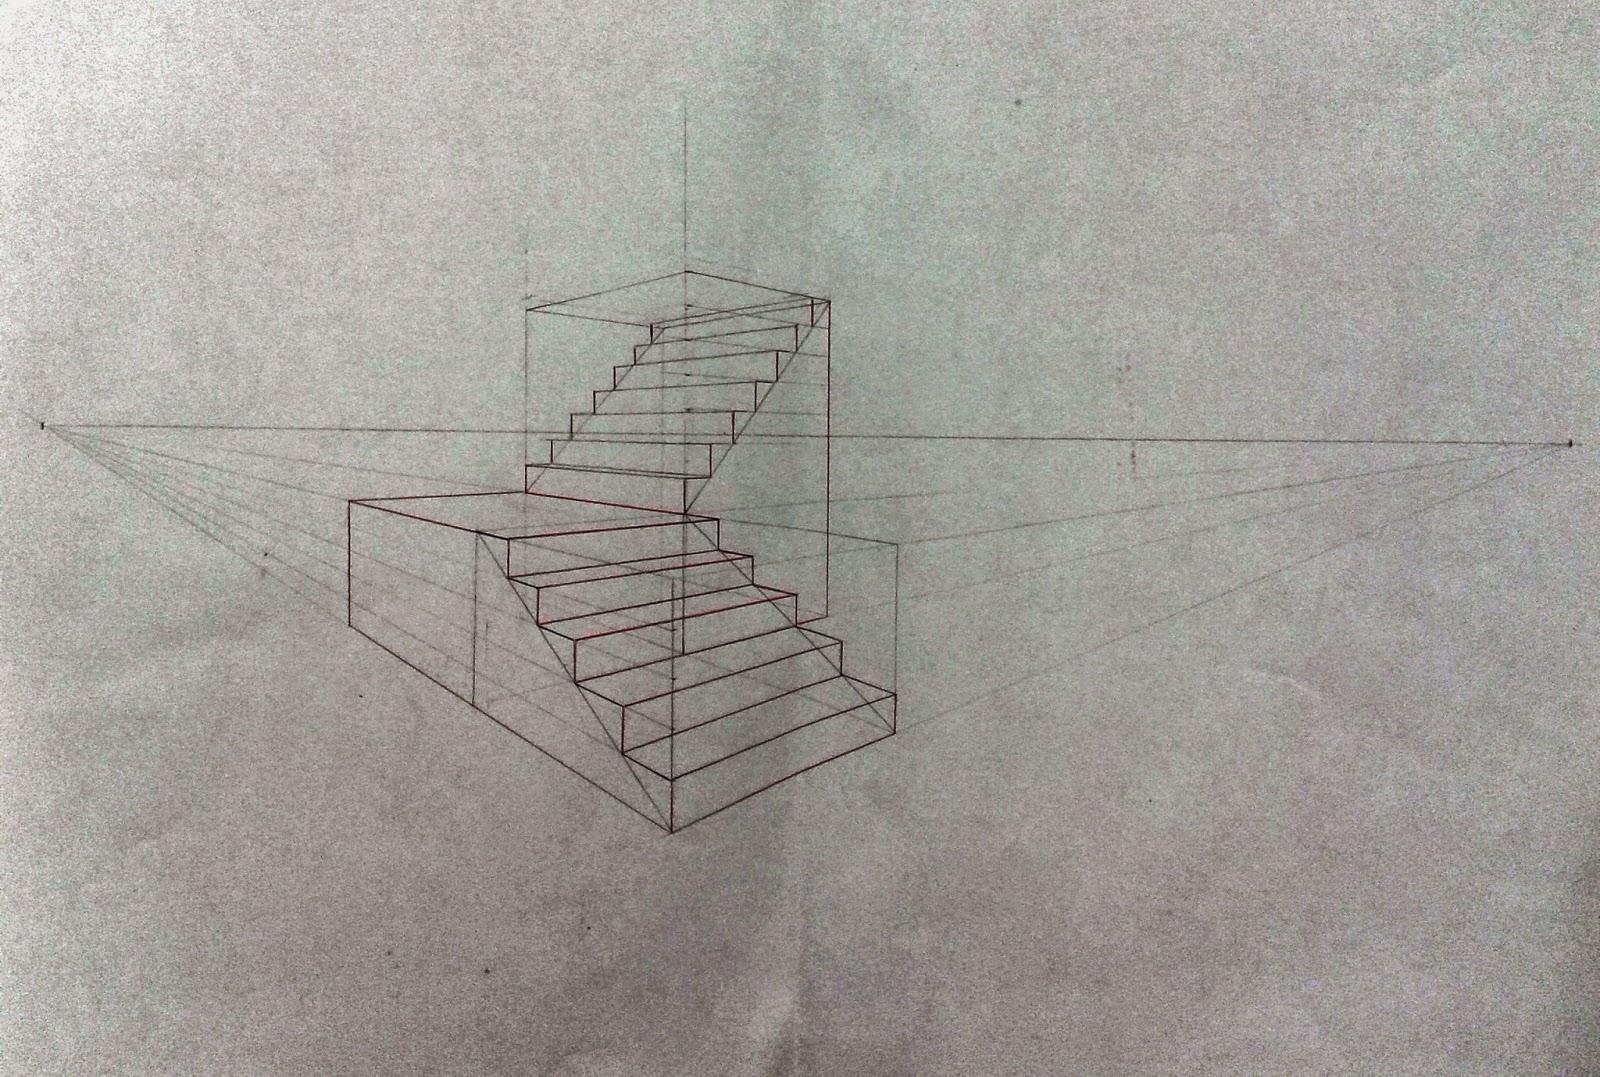 dessin illustration strip escalier en perspective un point de fuite tapes de. Black Bedroom Furniture Sets. Home Design Ideas